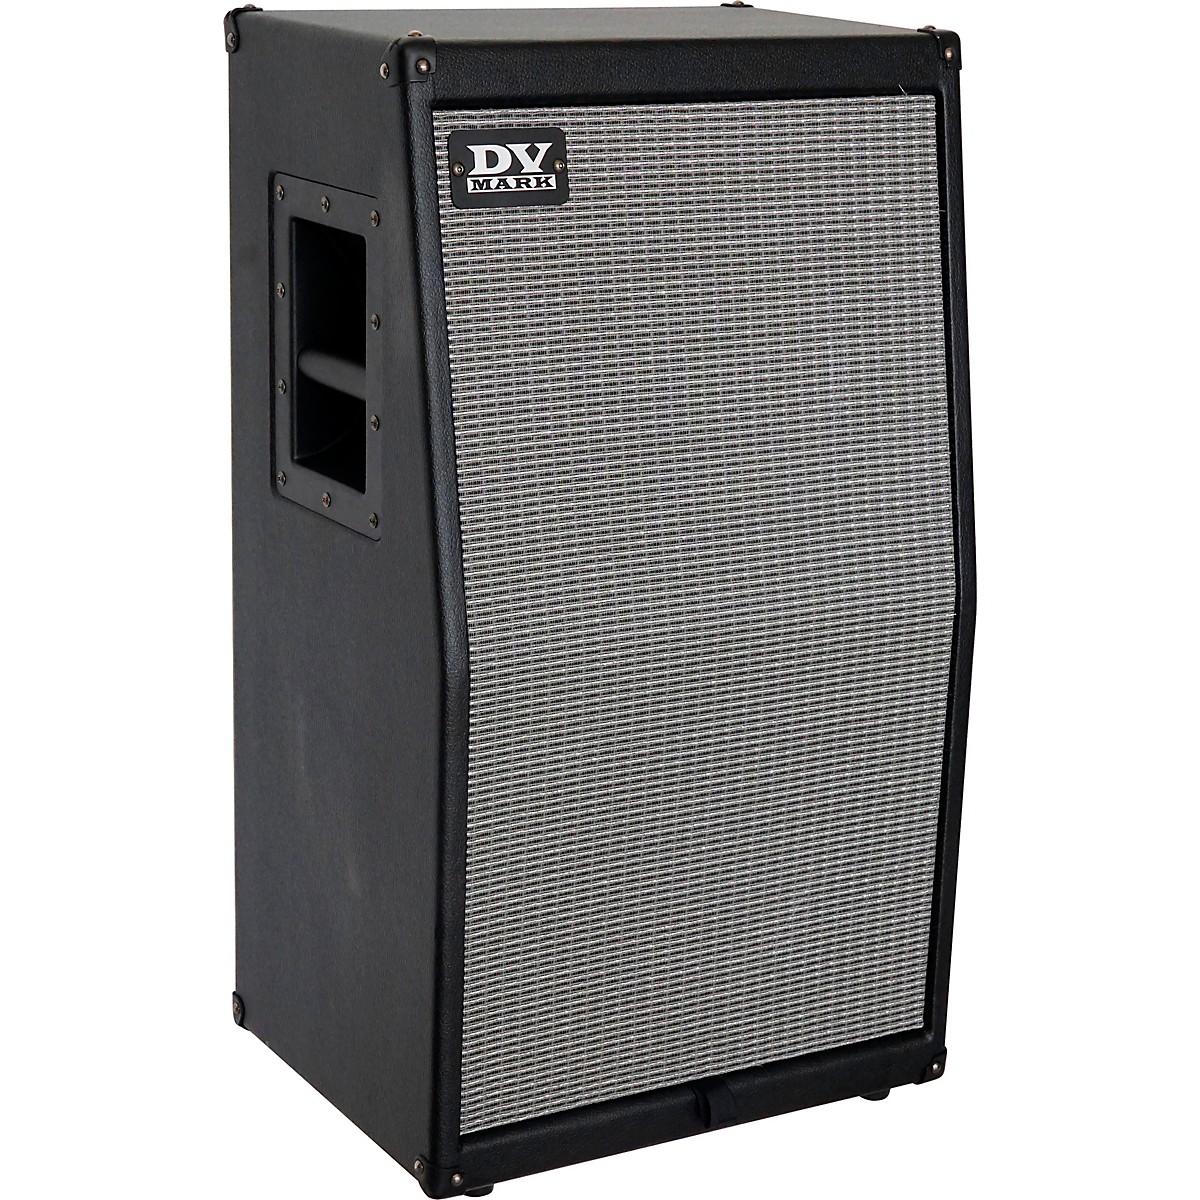 DV Mark DV Silver 212V 300W 2x12 Vertical Guitar Speaker Cabinet